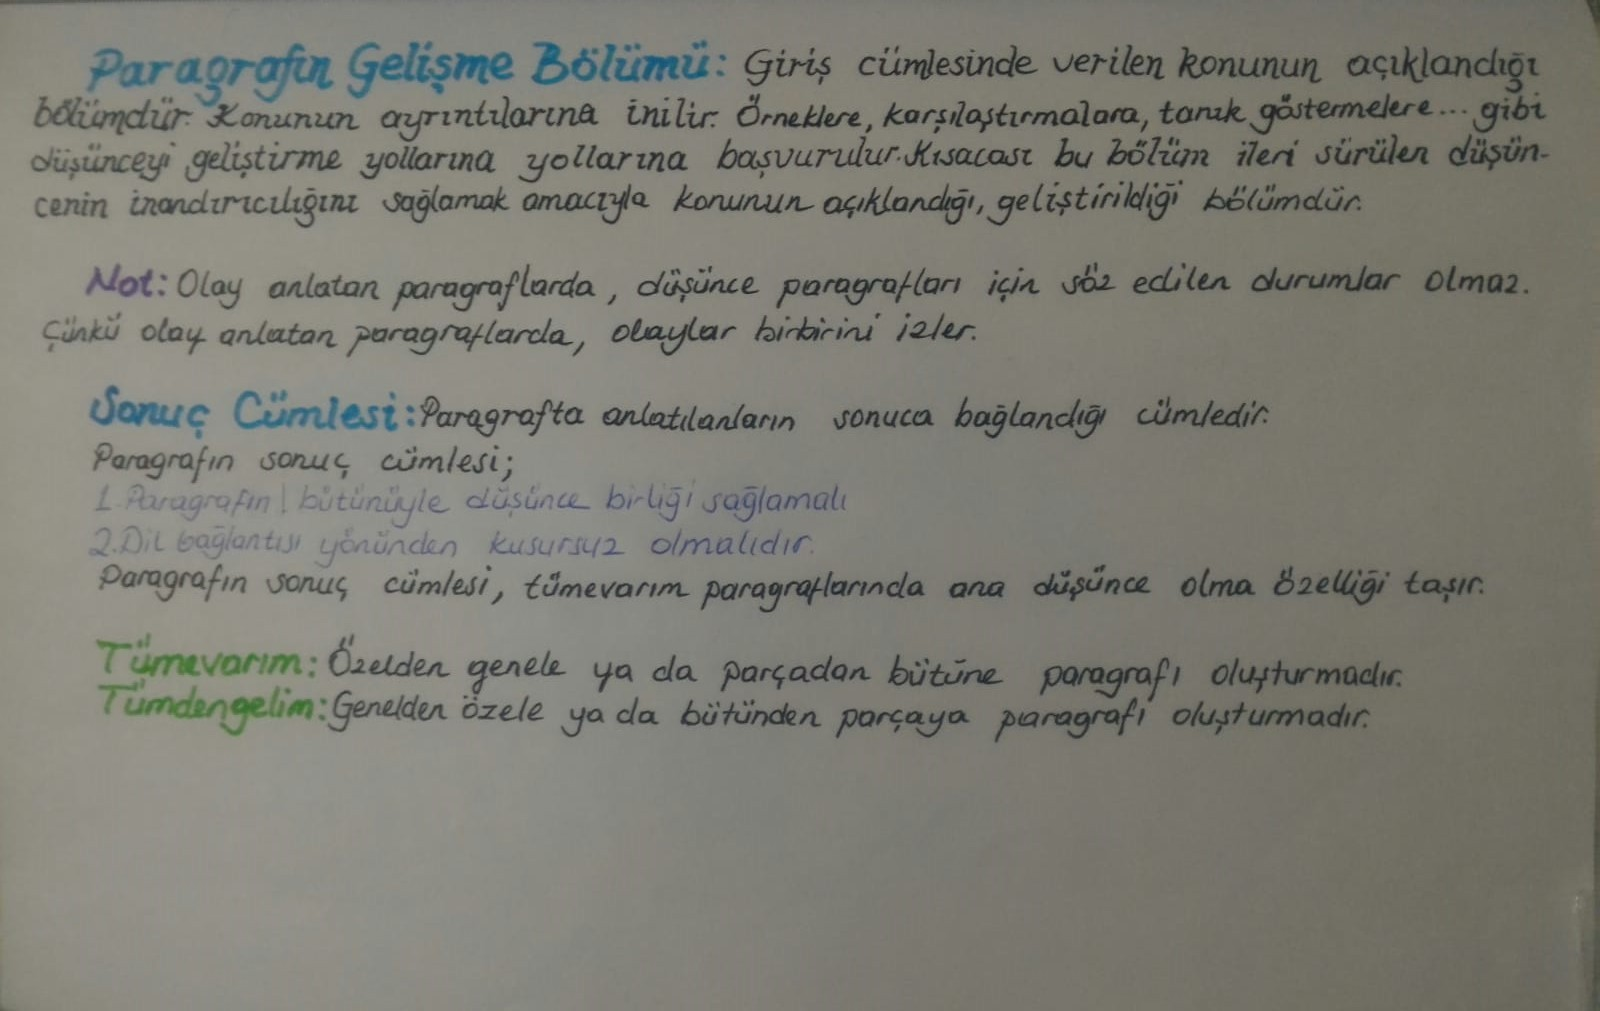 Paragrafta_anlam_2